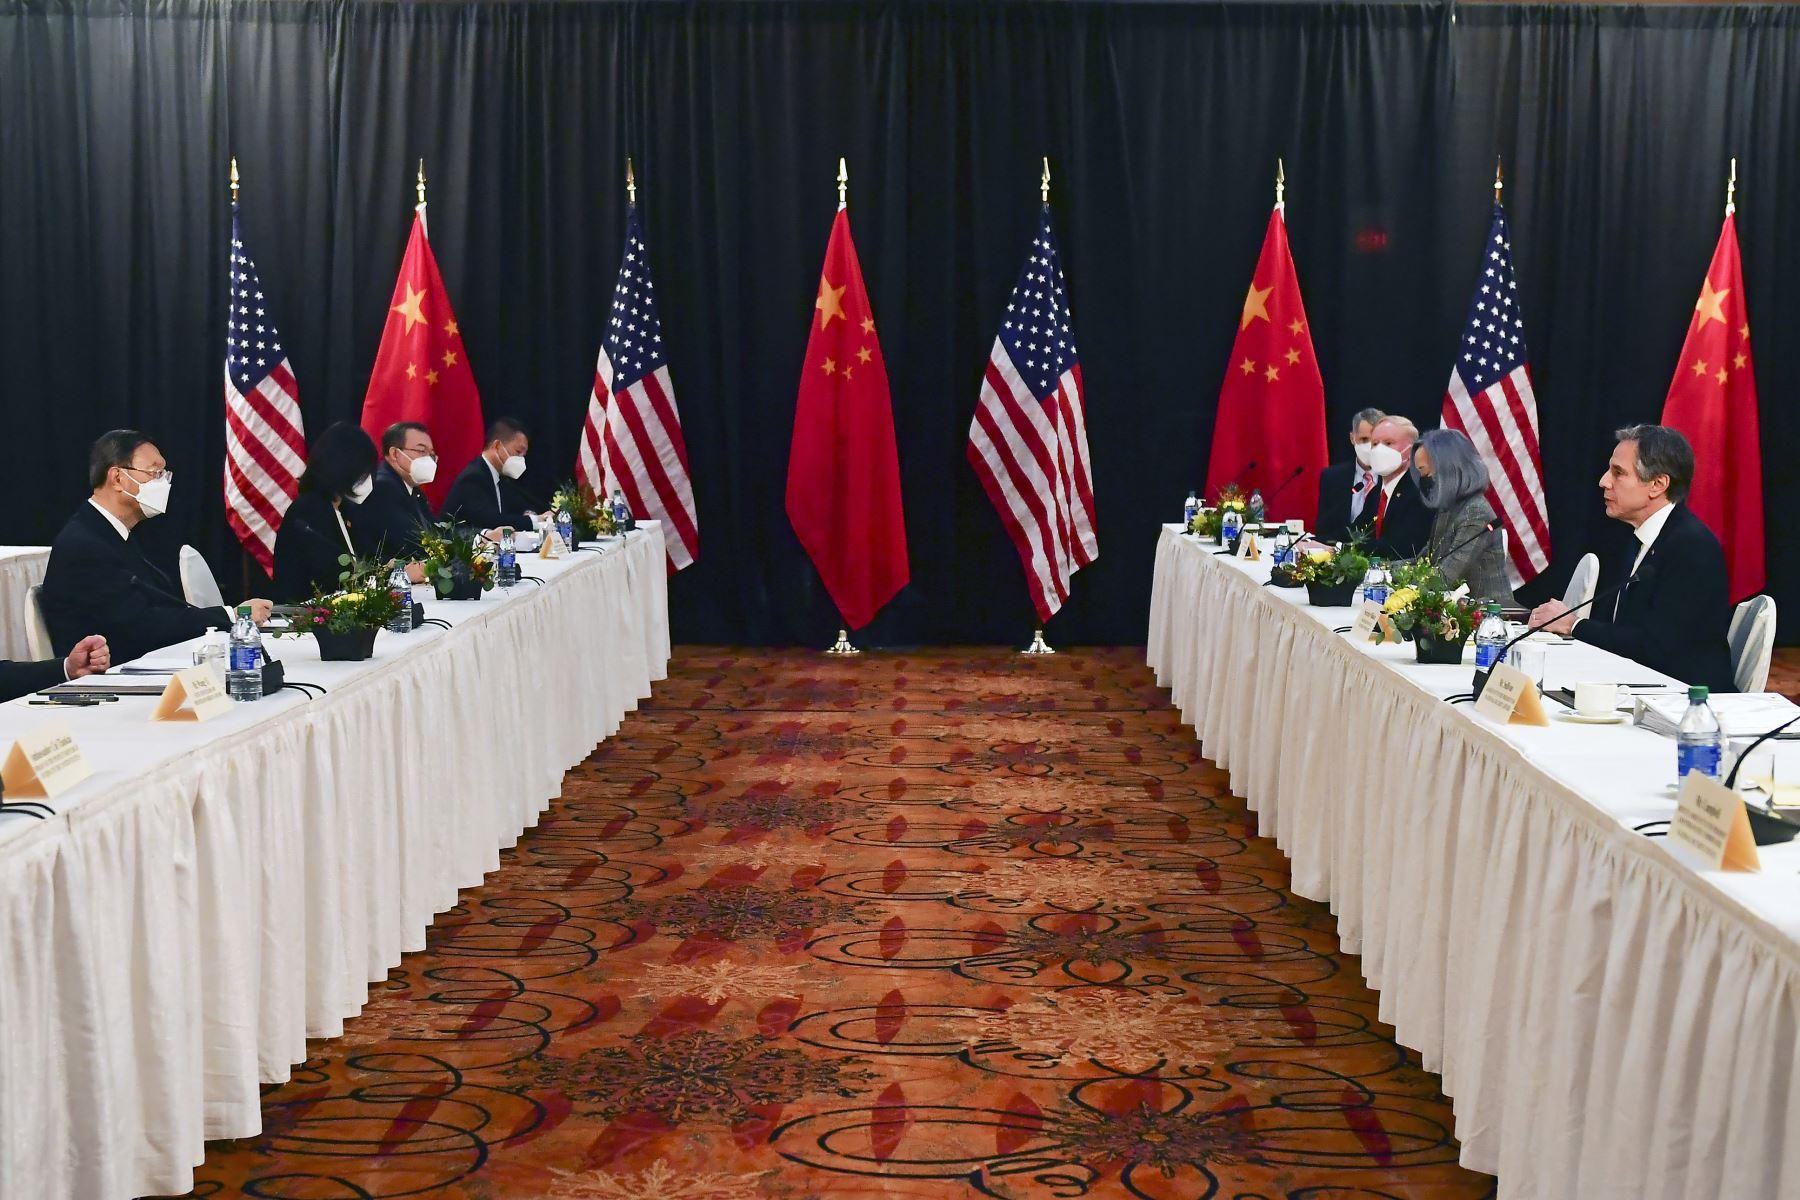 """El ministerio de Relaciones Exteriores había anunciado que """"China no hará ninguna concesión en temas referentes a su soberanía, seguridad e intereses"""". Foto: AFP"""